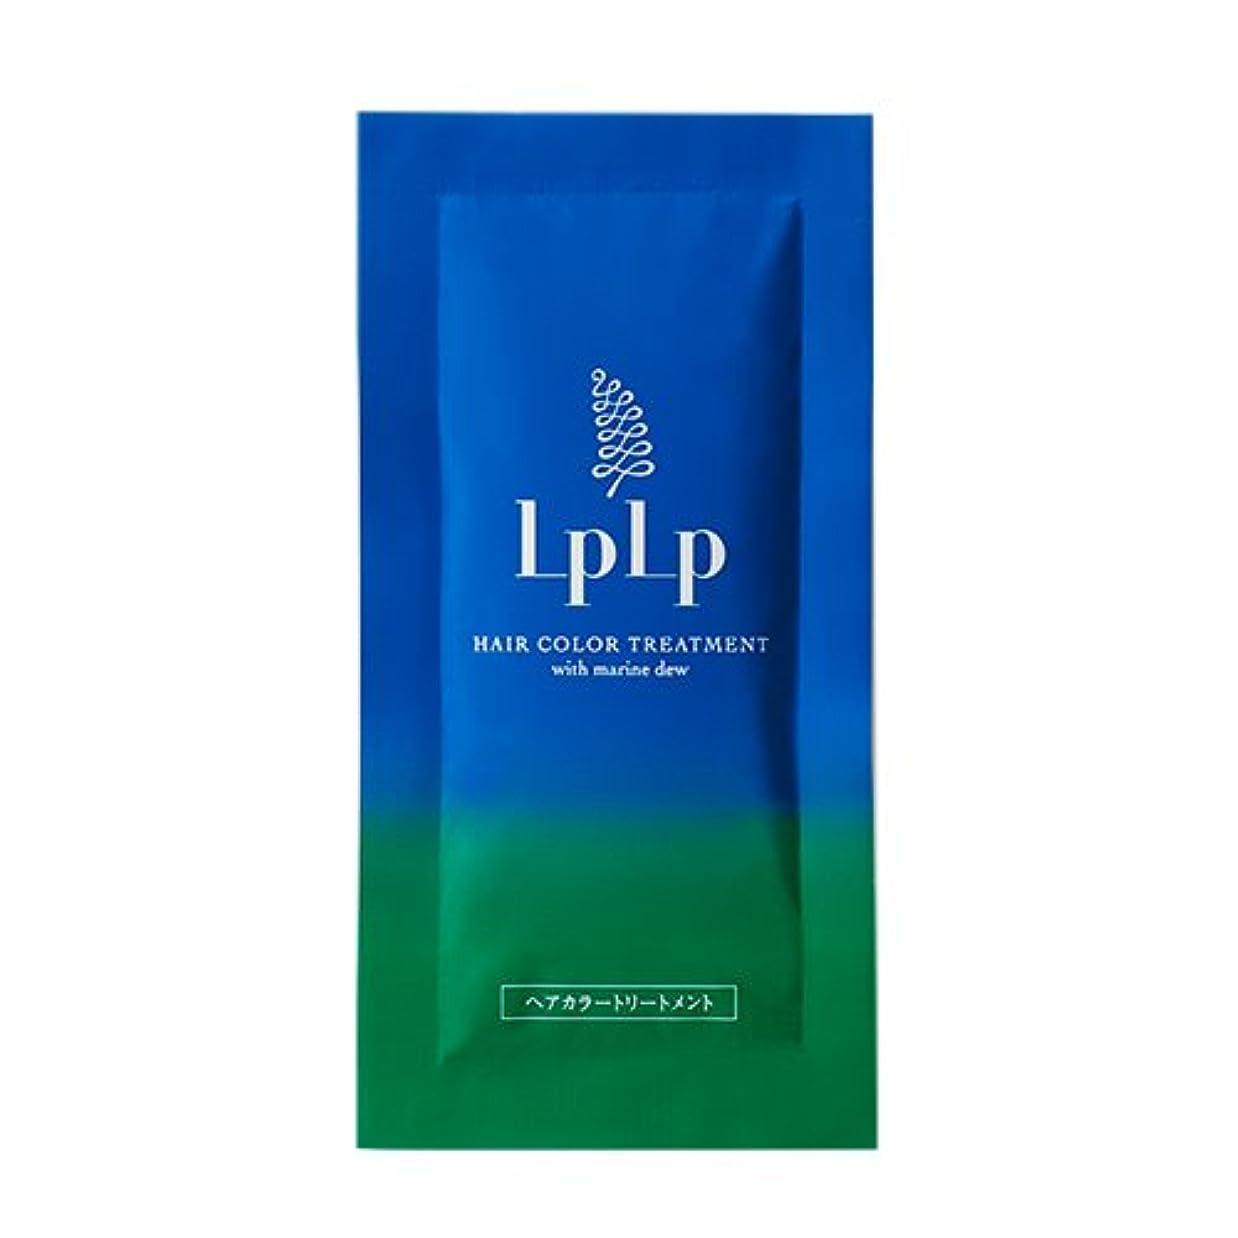 鰐突き刺す汚染するLPLP(ルプルプ)ヘアカラートリートメントお試しパウチ モカブラウン